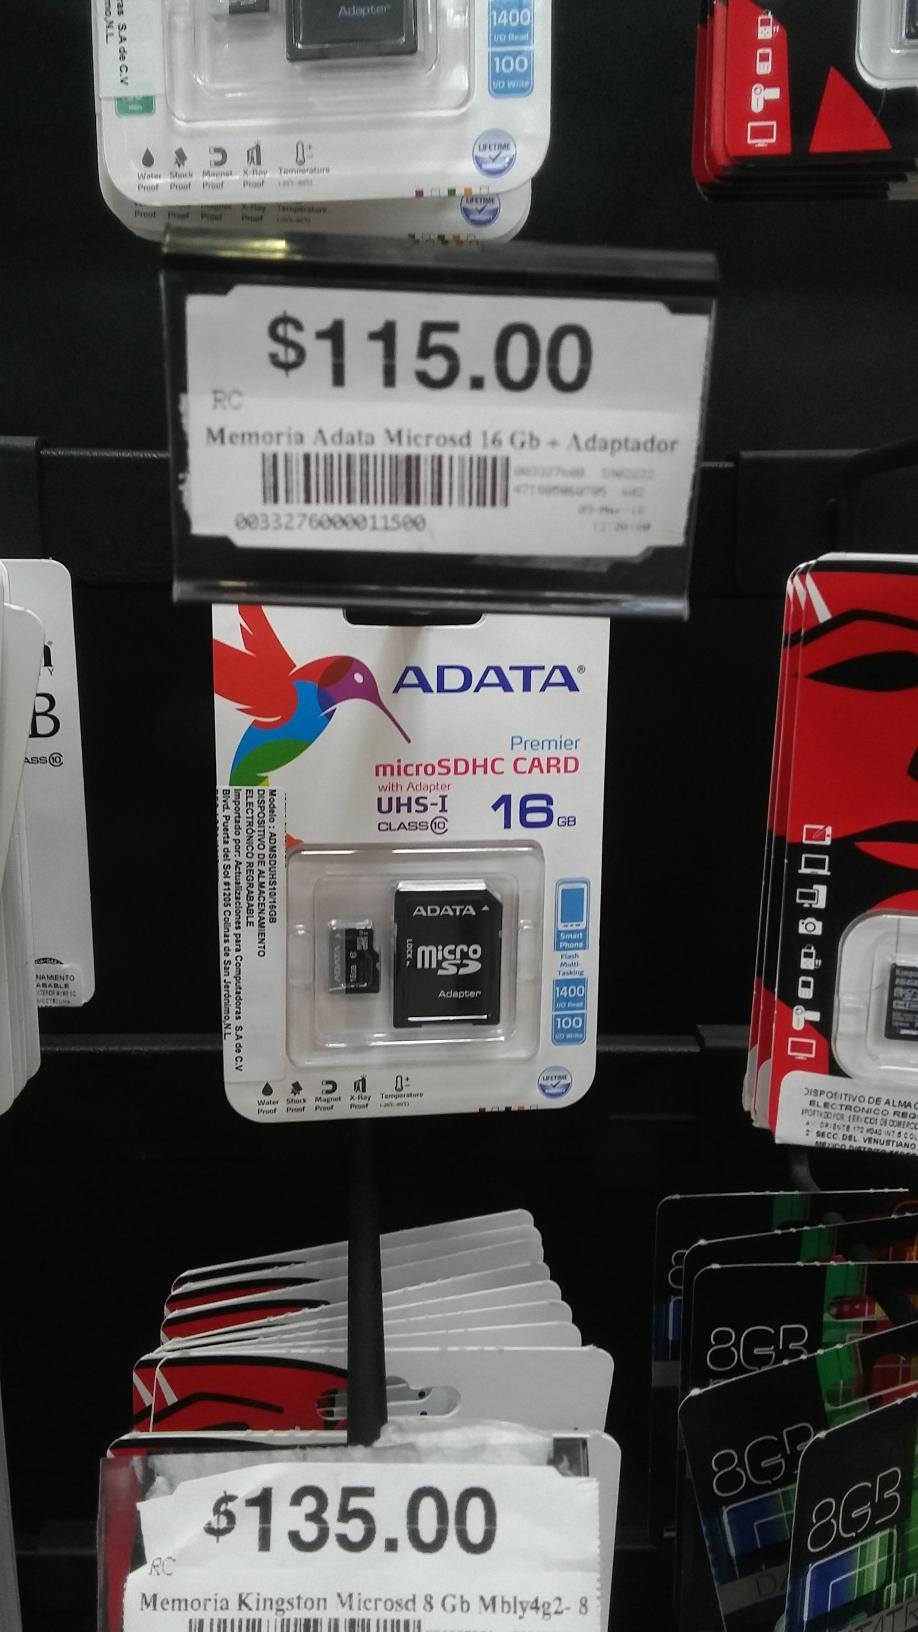 Chedraui: Memoria MicroSD Adata 16Gb clase 10 con adaptador a $115